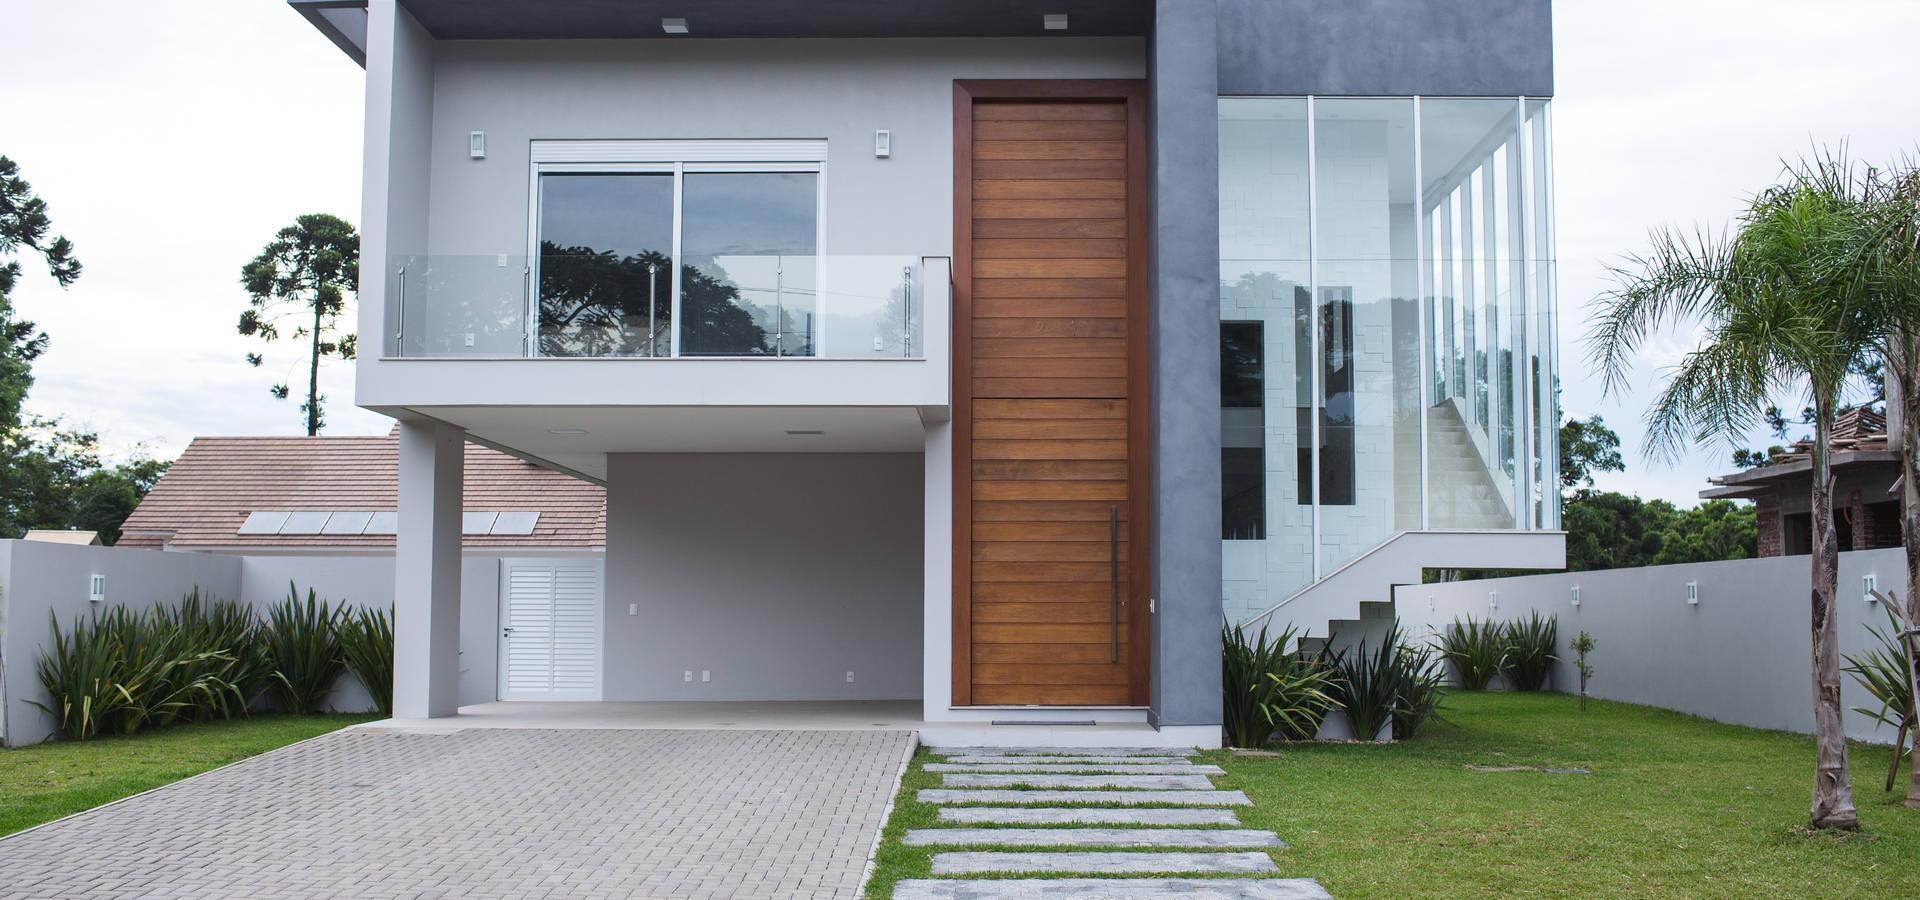 d´  Ornellas Arquitetura e Construção